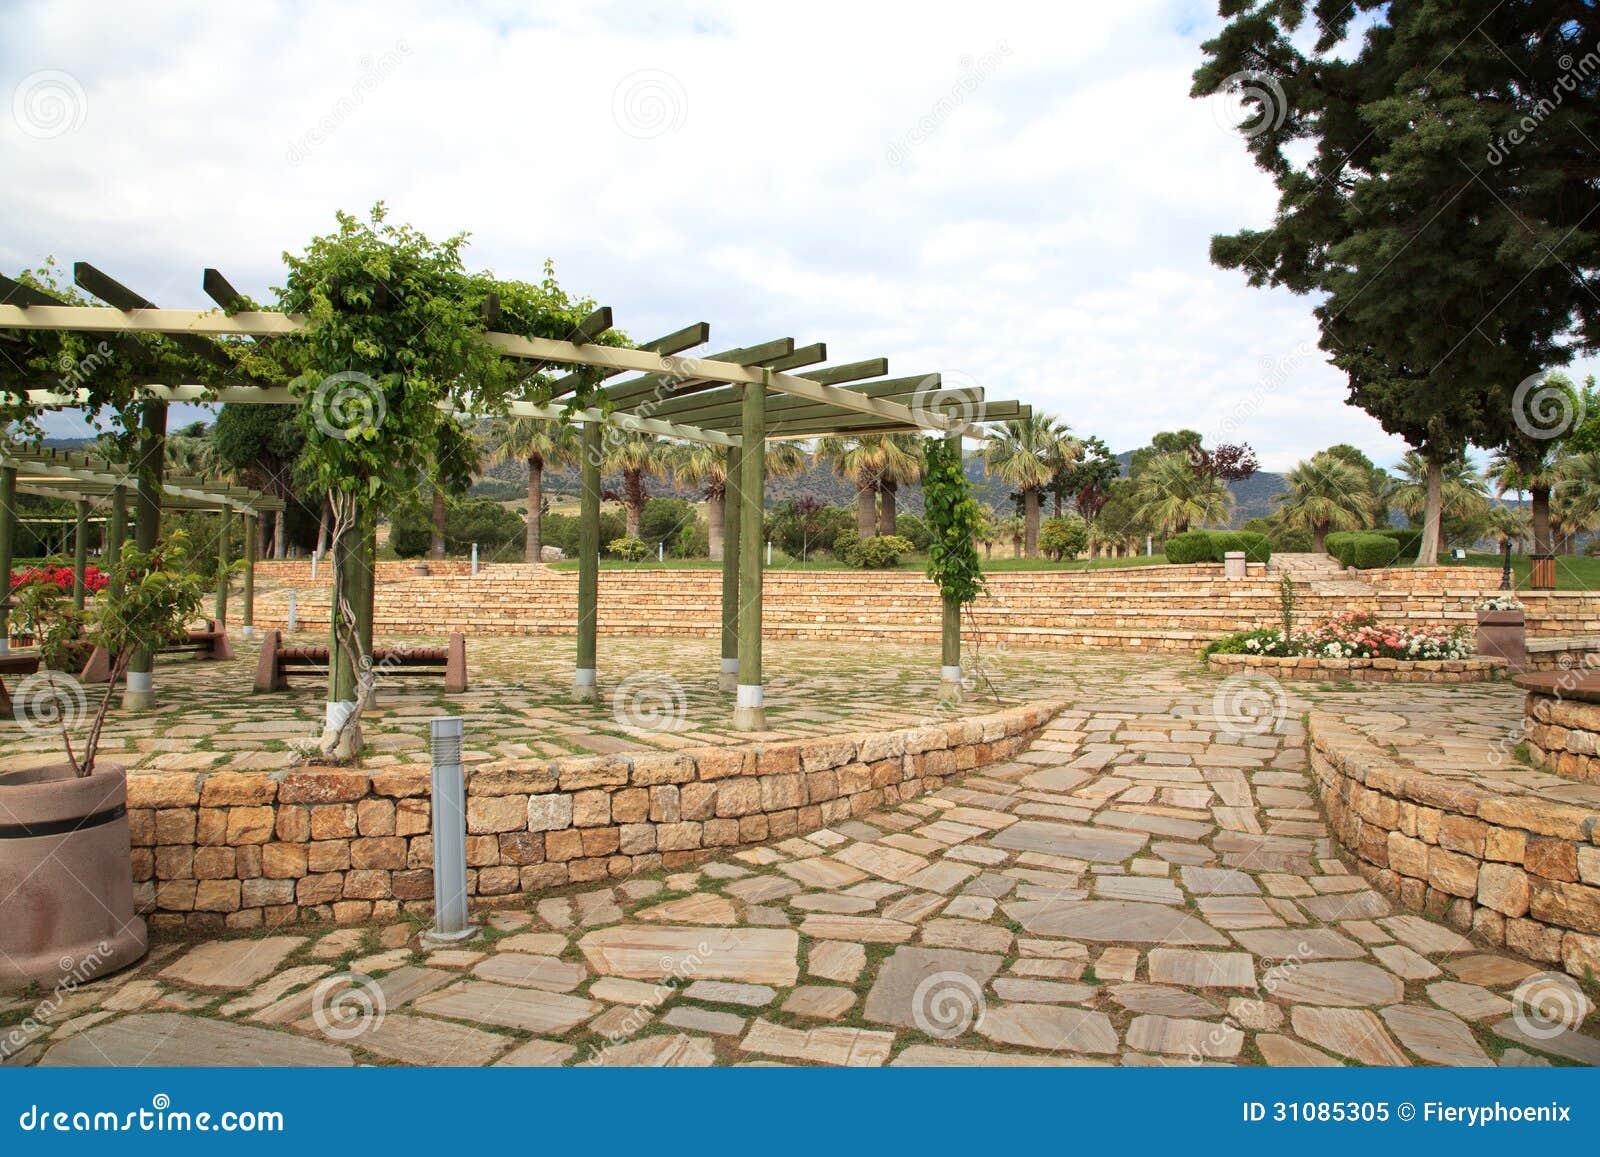 Steen openluchtterras met houten pergola en installaties royalty vrije stock foto afbeelding - Terras met houten pergolas ...